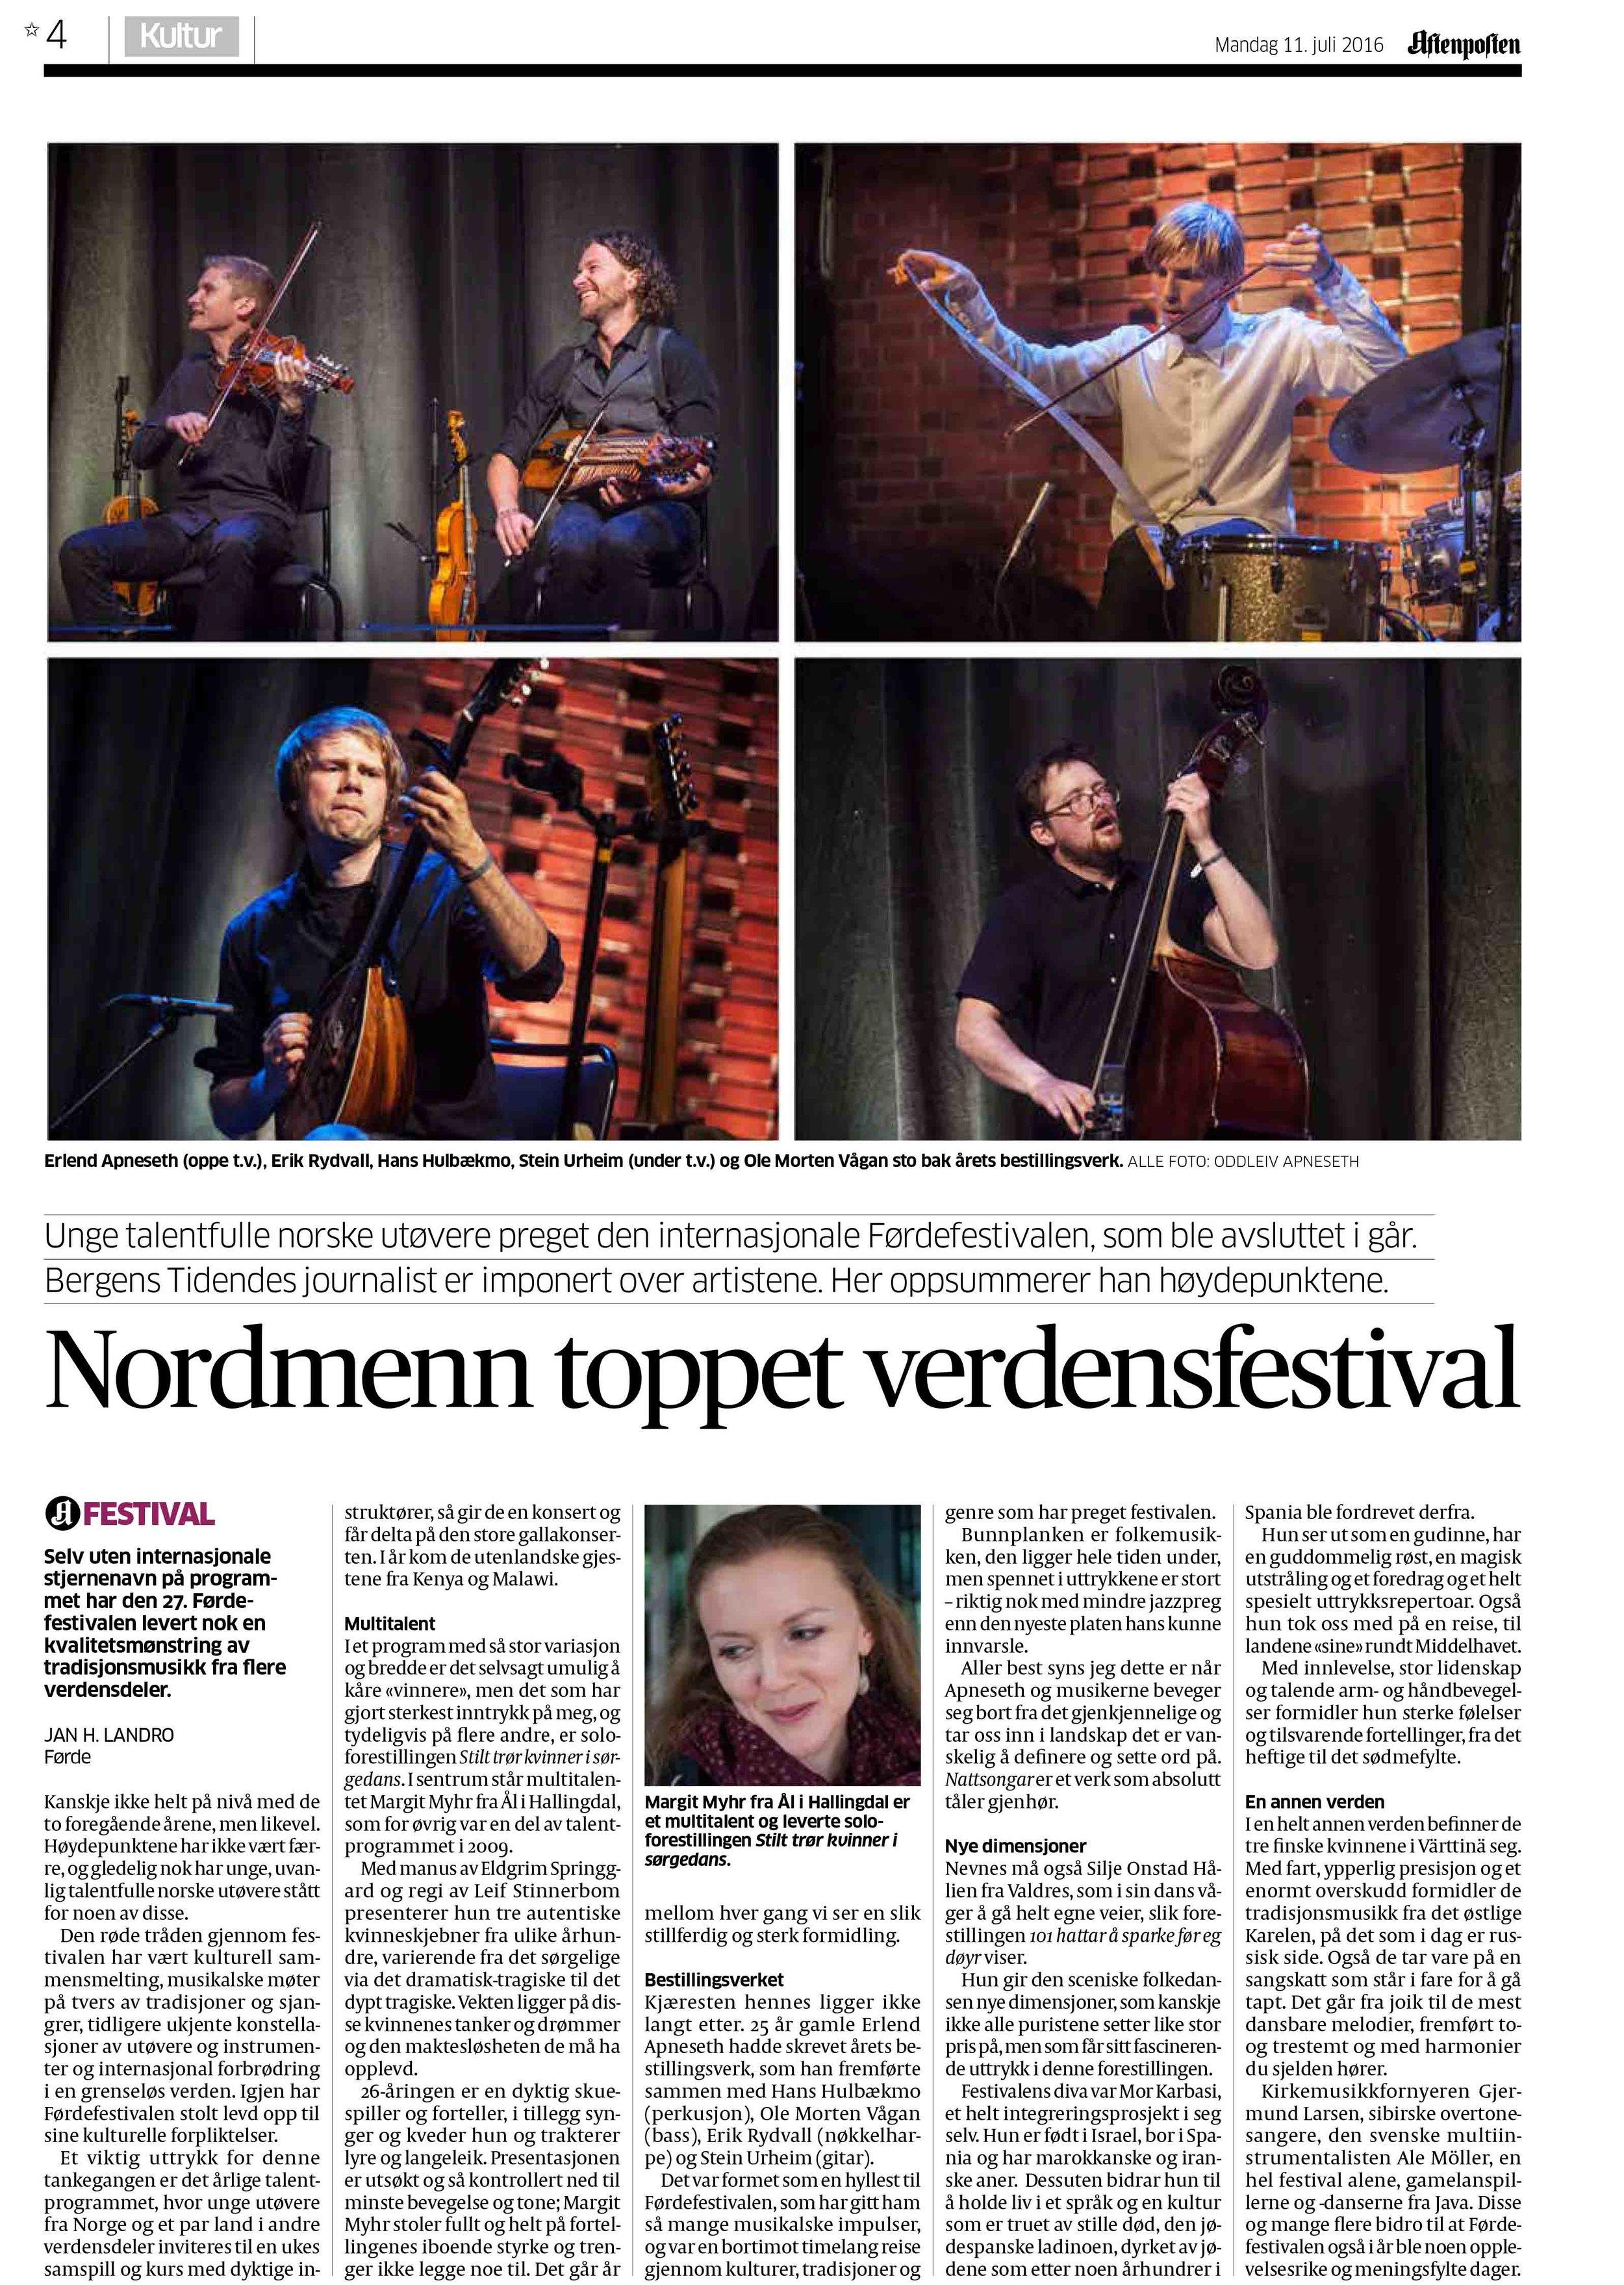 aftenposten_kultur-20160711_Norske toppet verdensfestival_004.jpg